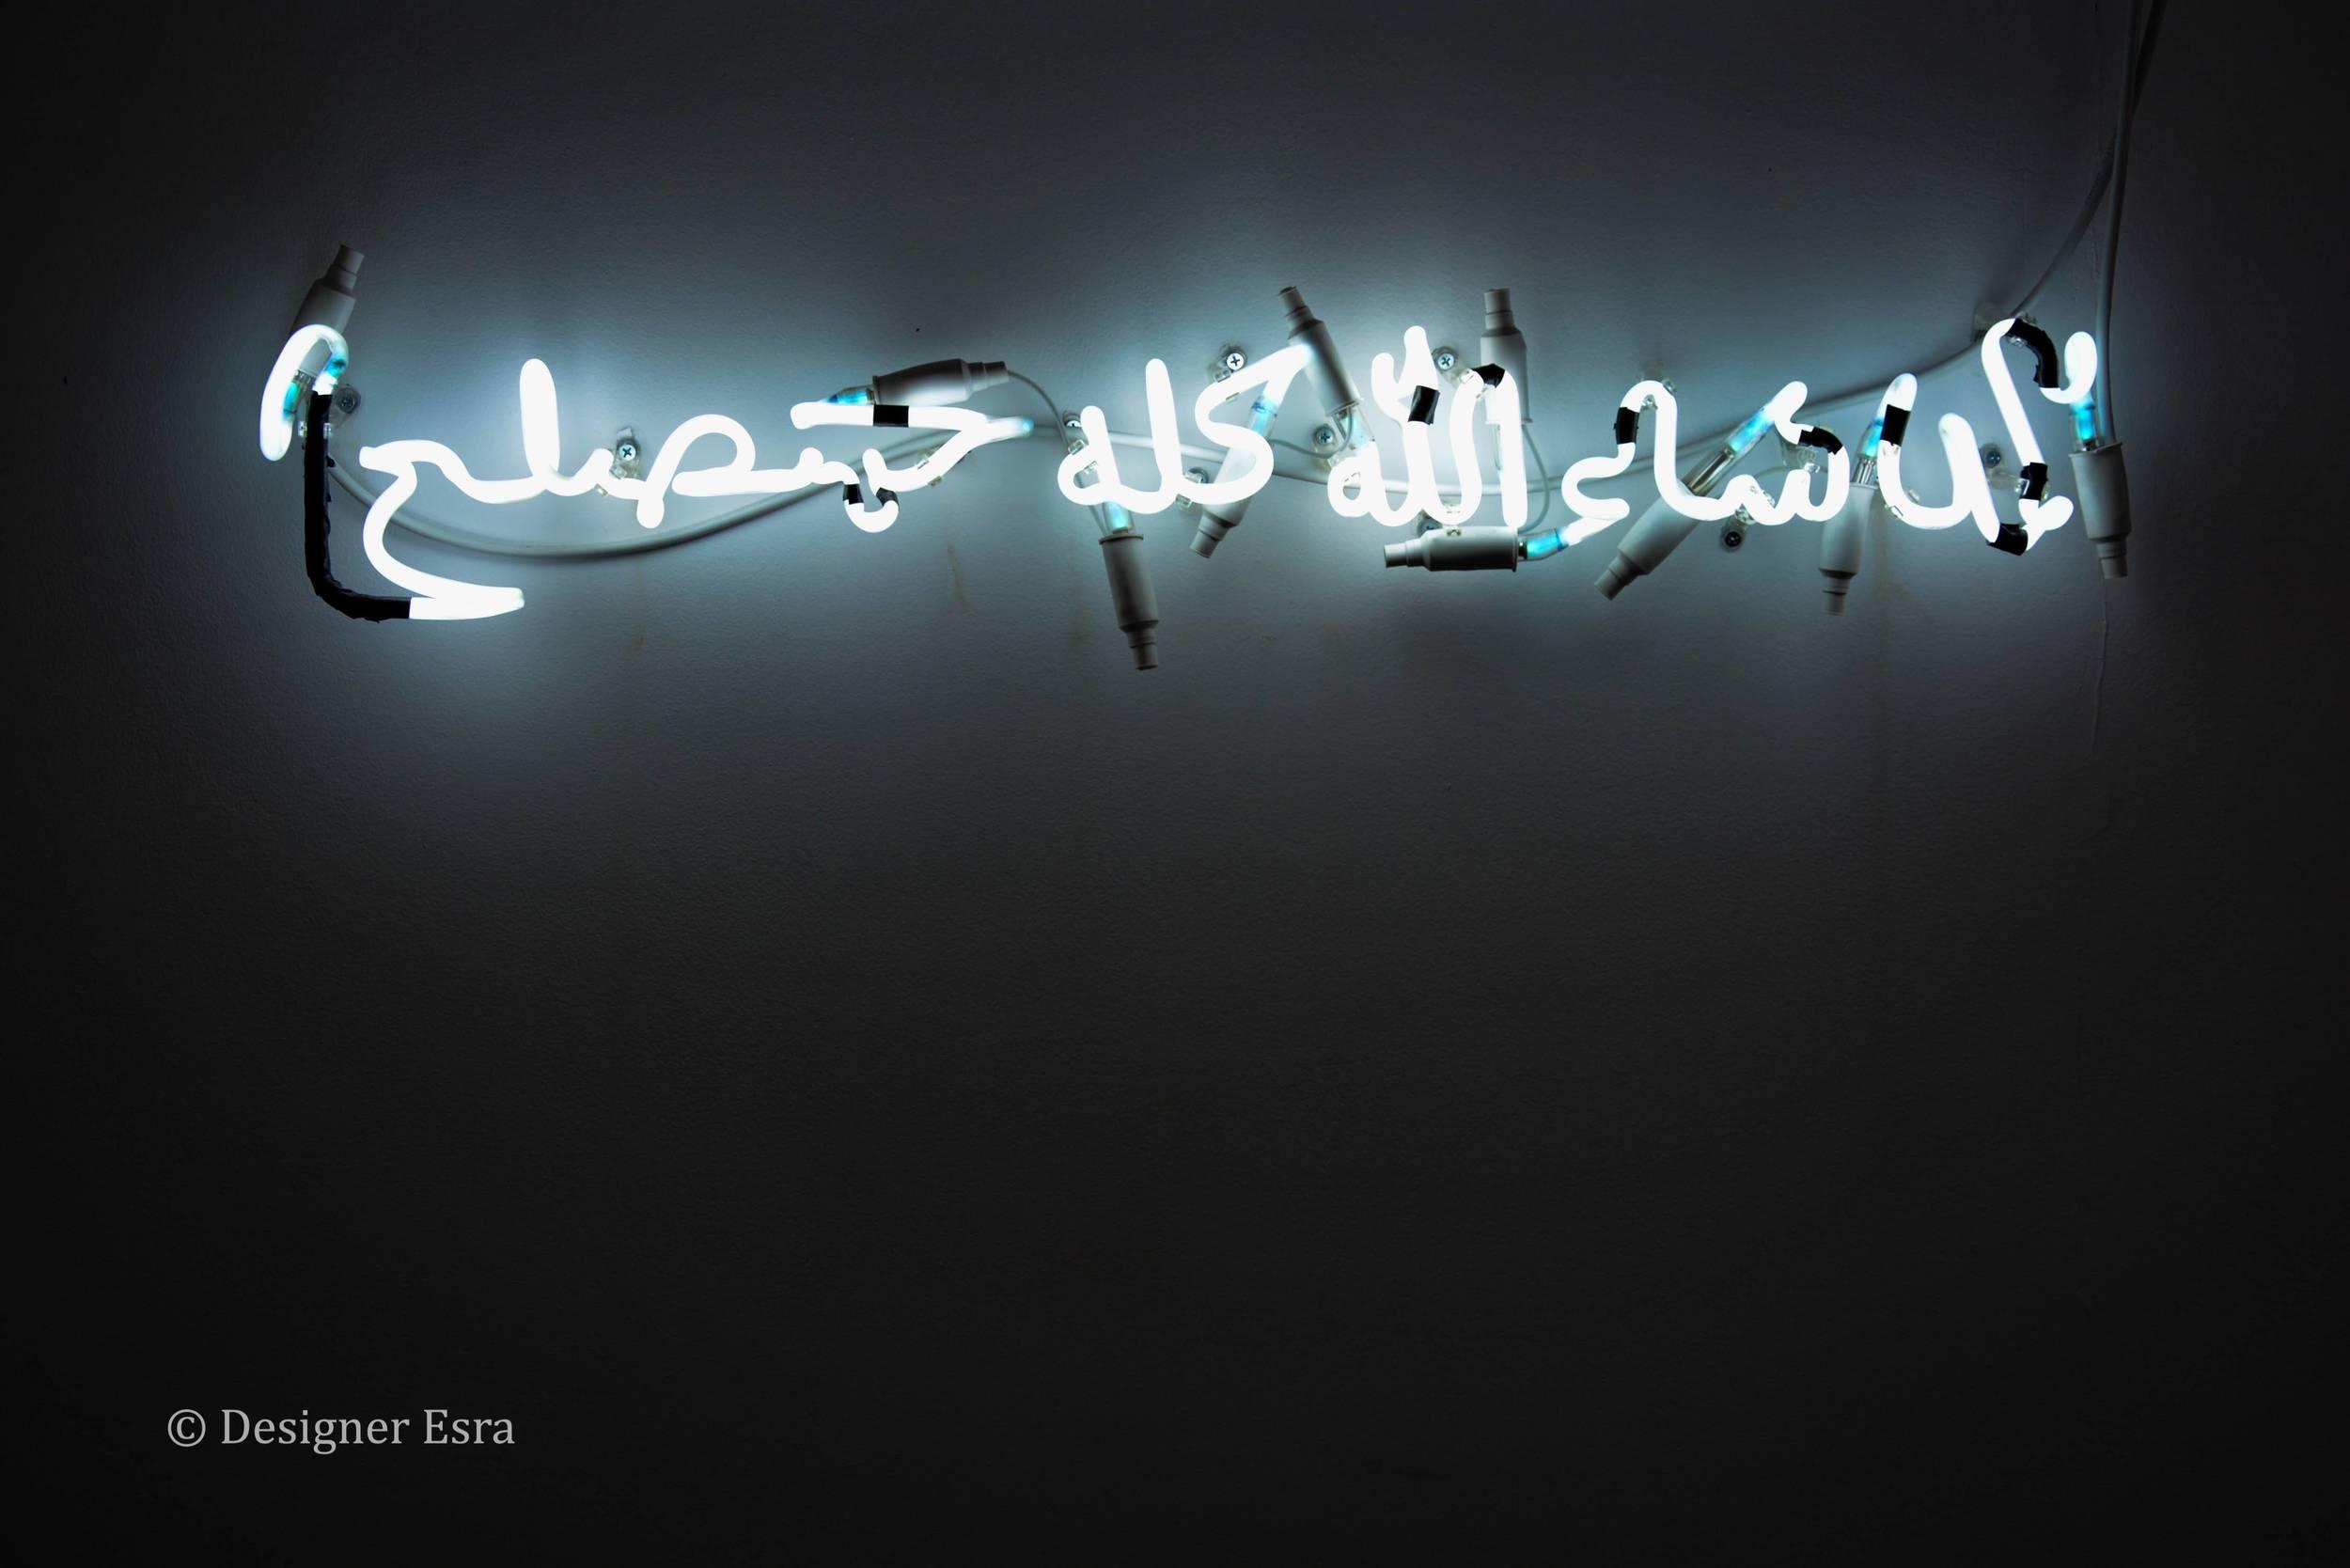 Give Me the Light by Ayman Yossri Daydban